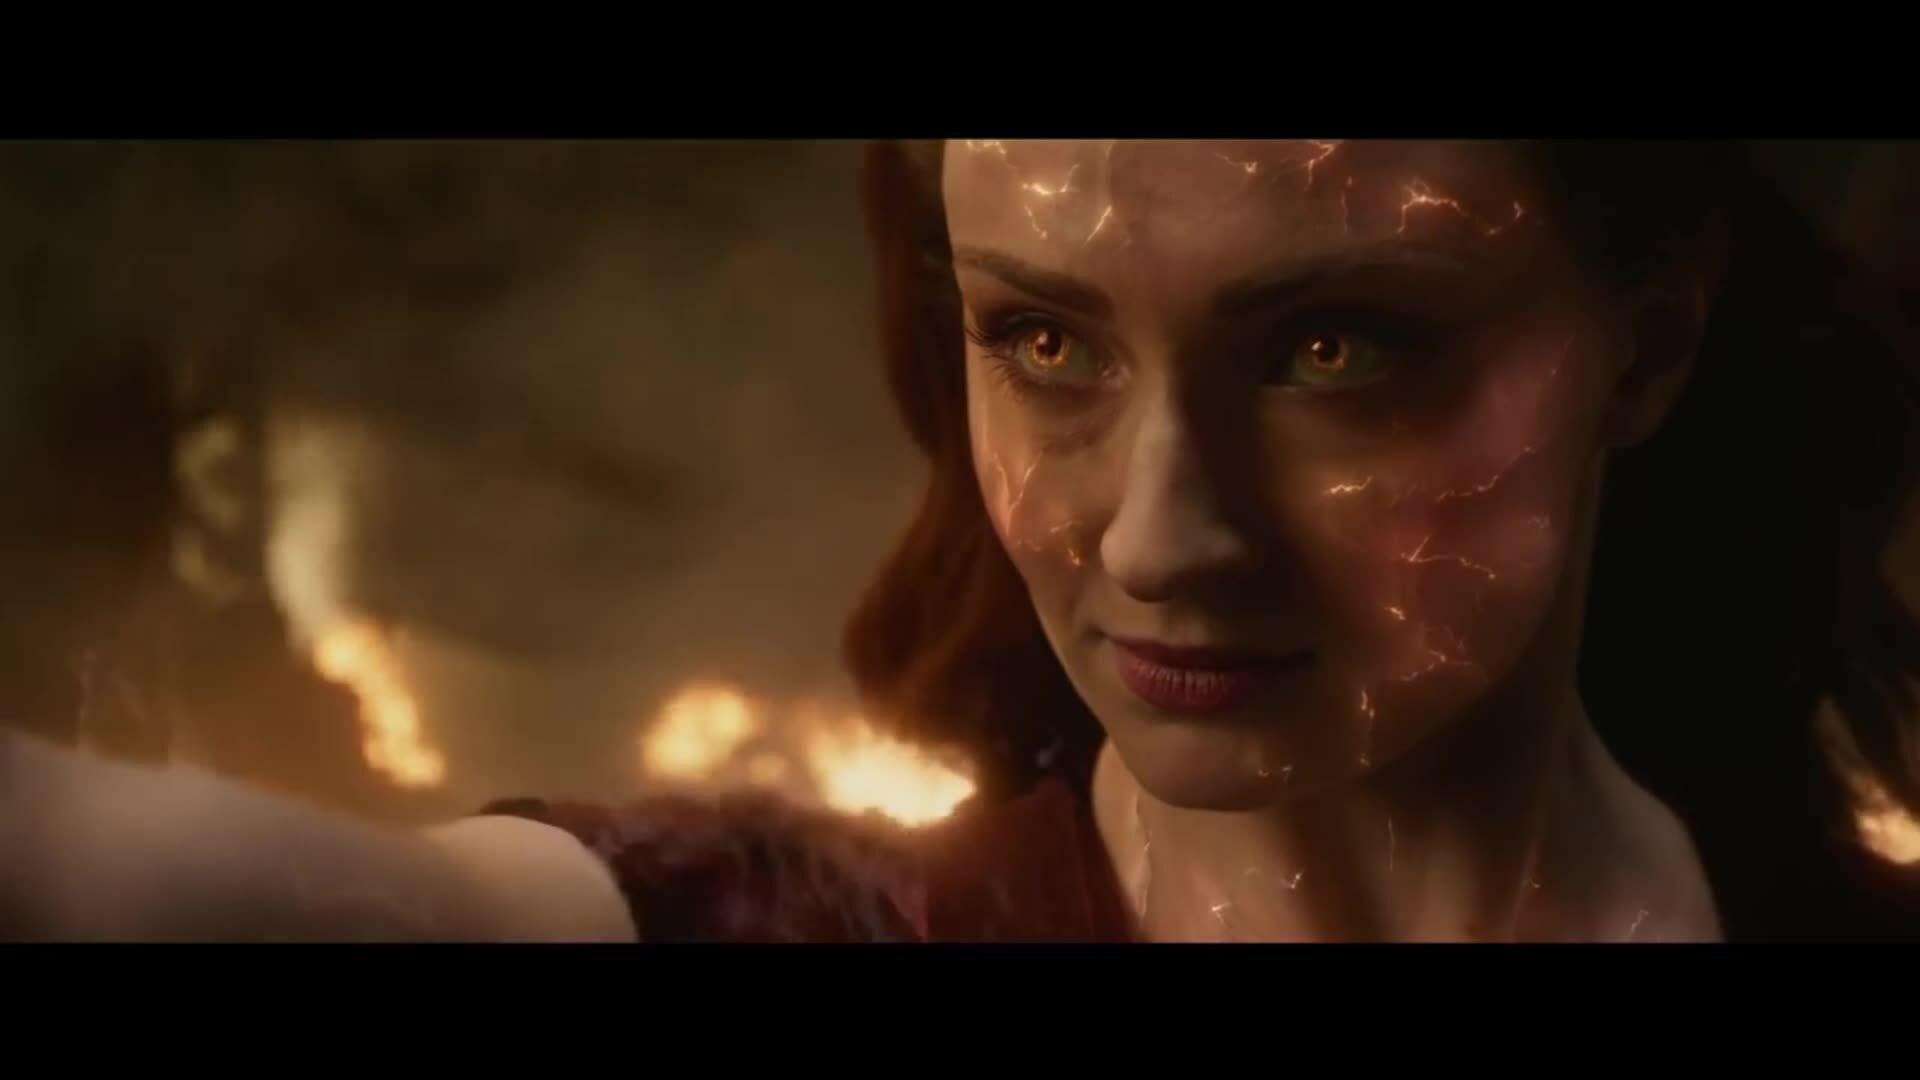 'Dark Phoenix' hé lộ cảnh nữ dị nhân nhận sức mạnh vũ trụ